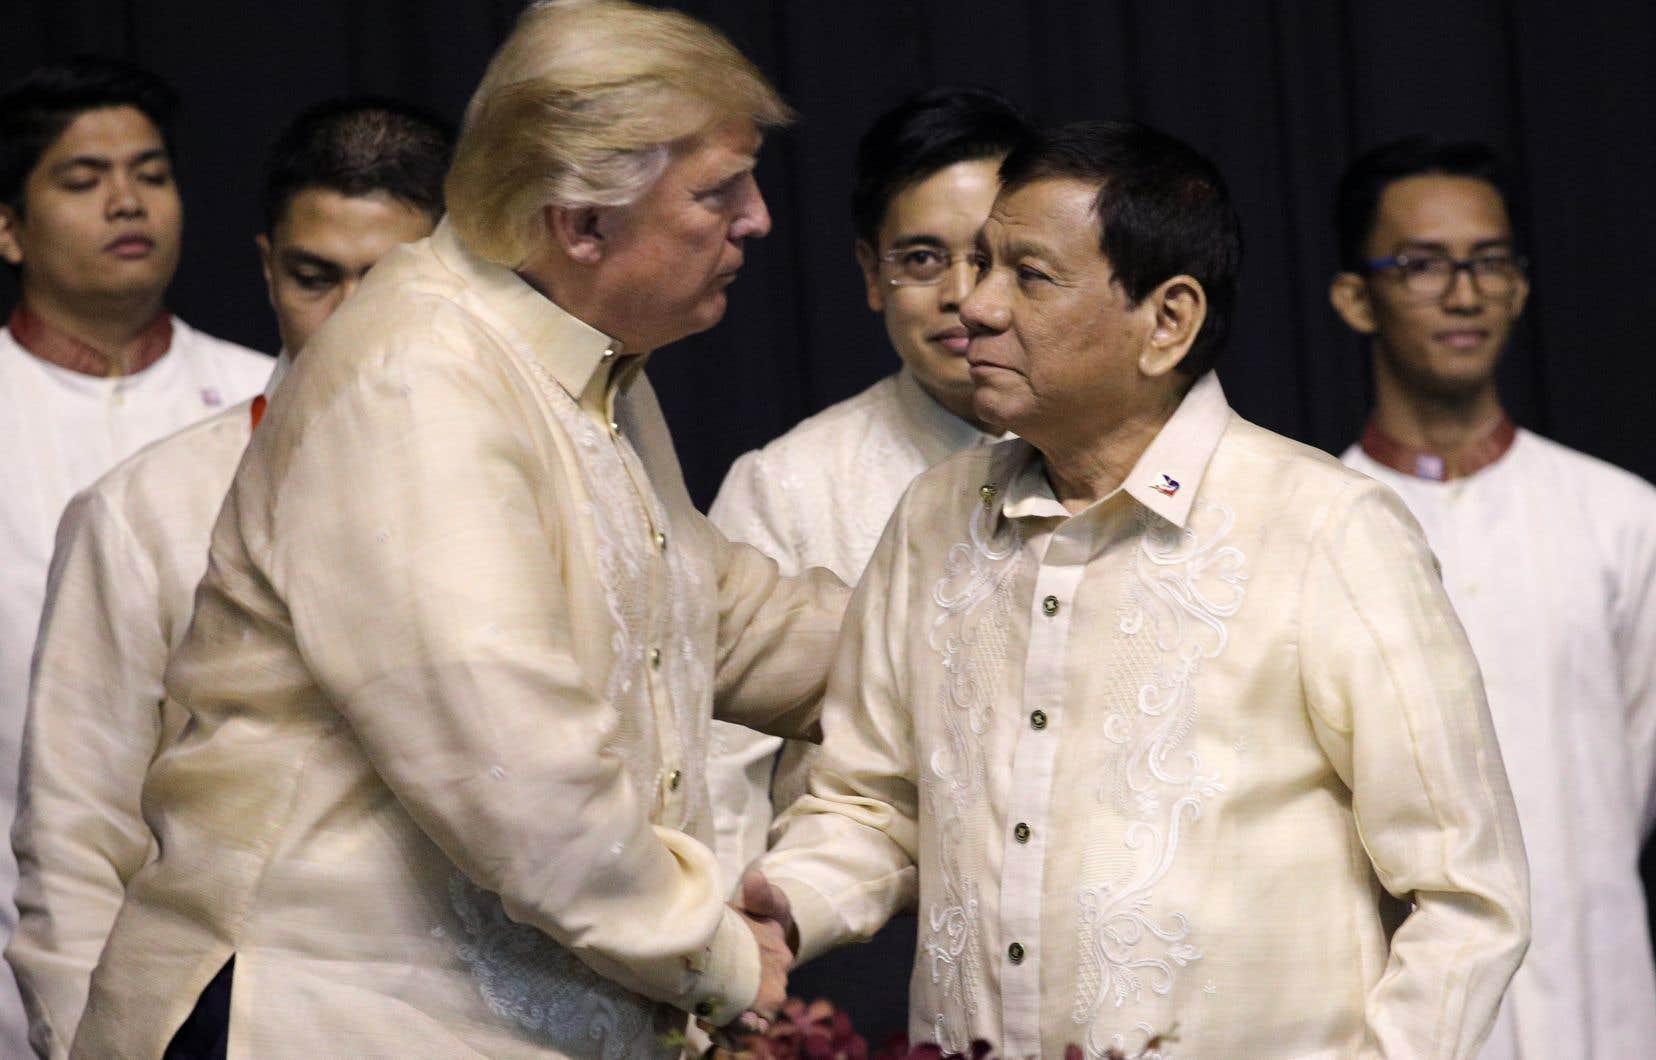 Rodrigo Duterte (à droite) avait été élu après avoir promis d'éradiquer le trafic de drogue en faisant abattre jusqu'à 100 000 trafiquants et toxicomanes présumés.